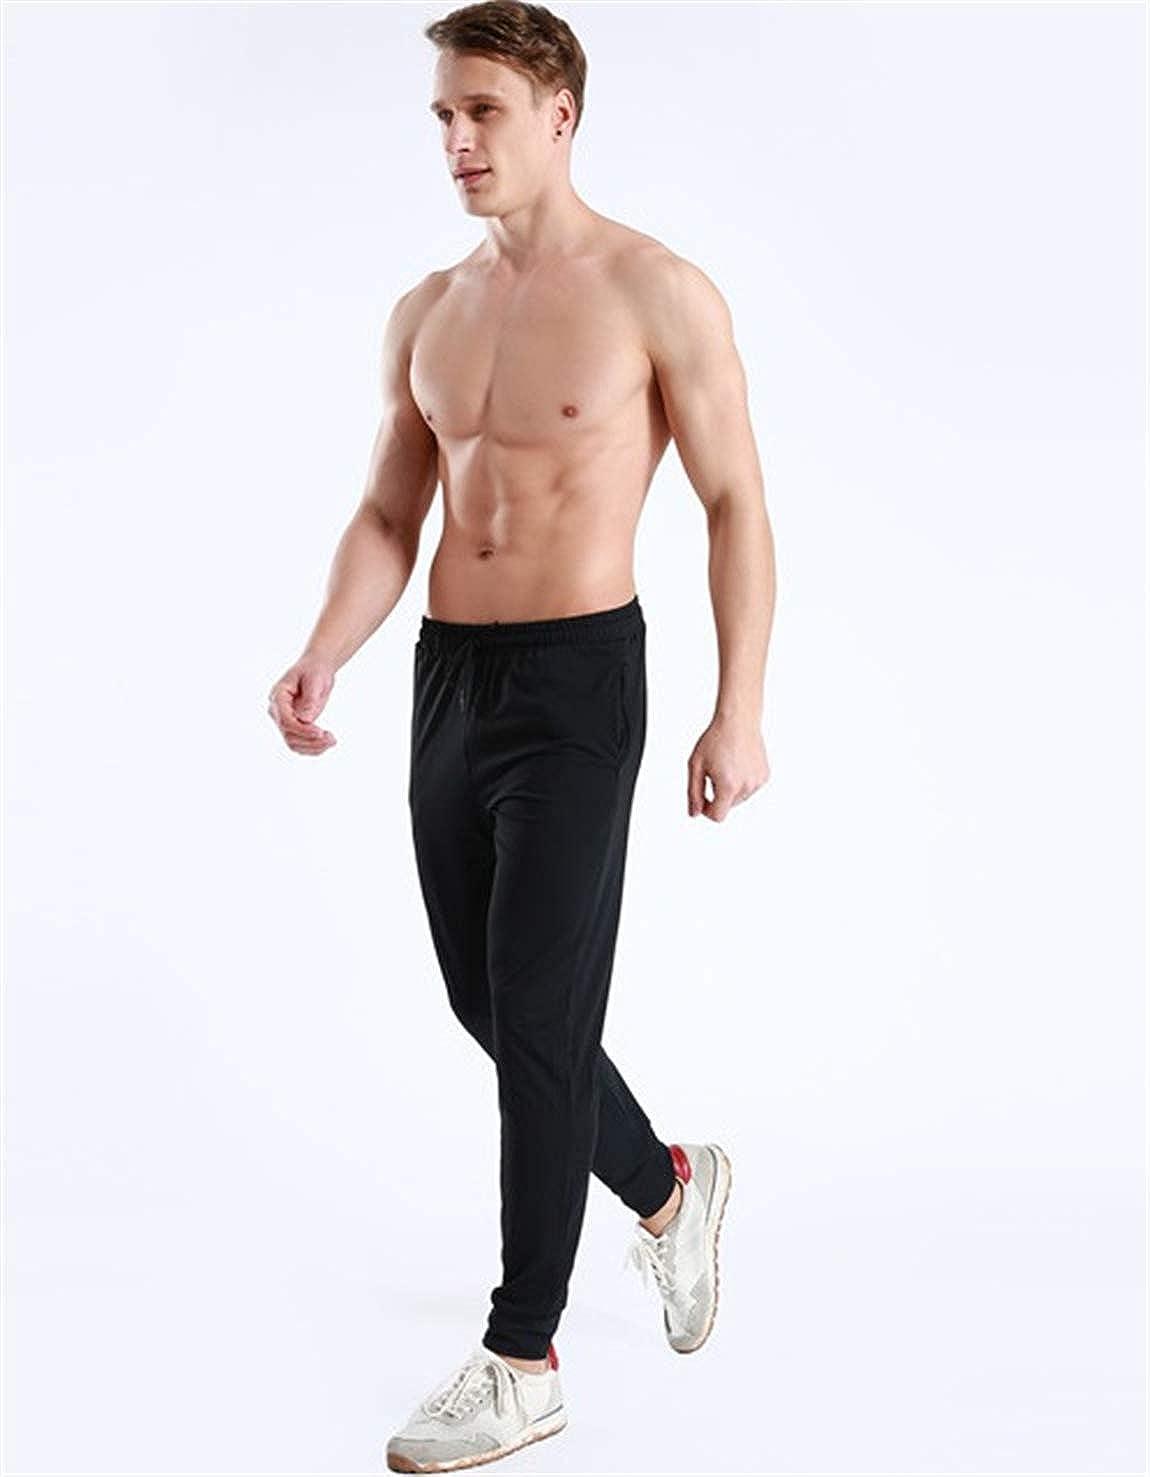 Cooden Pantaloni Sportivi con Tasche Uomo Palestra Lungo Ad Asciugatura Rapida per La Palestra Allenamento e Sport Tennis Corsa